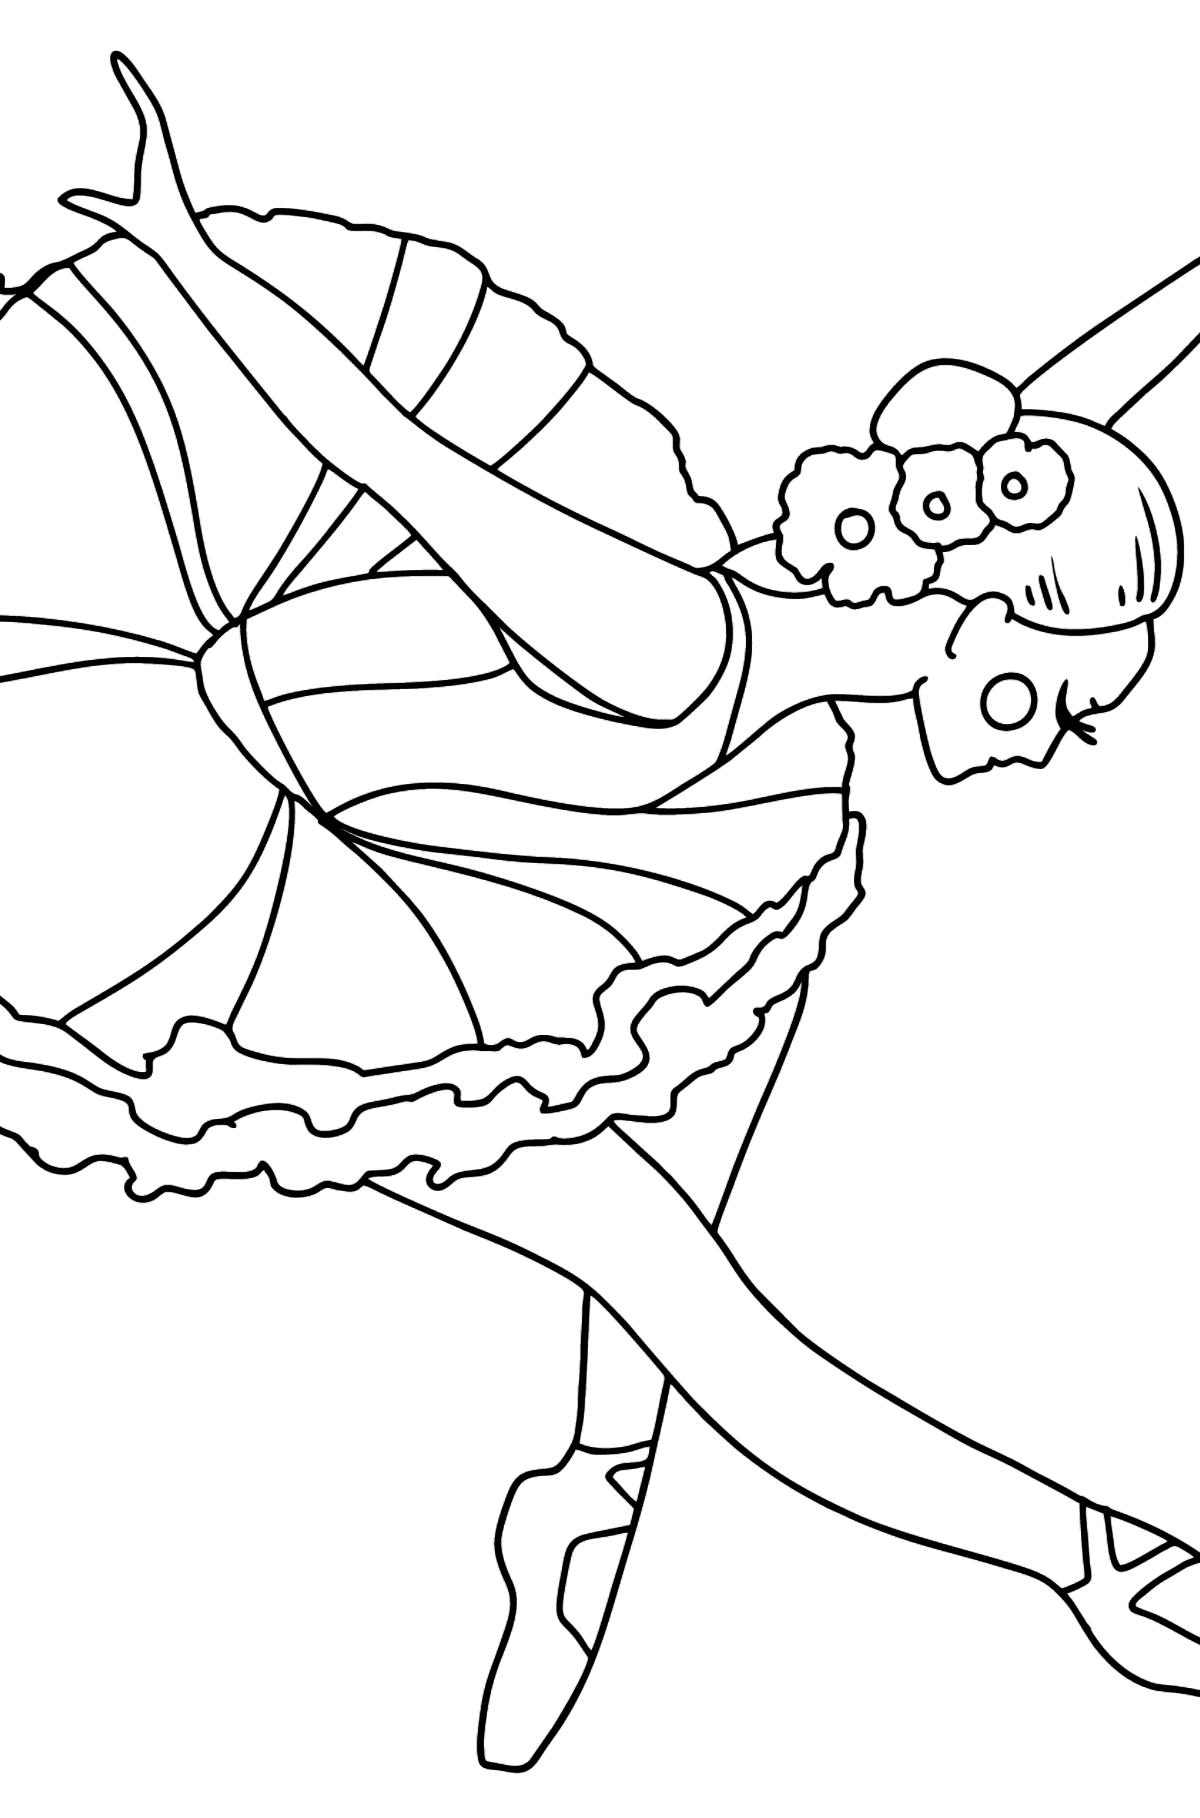 Раскраска Балерина делает поклон - Картинки для Детей